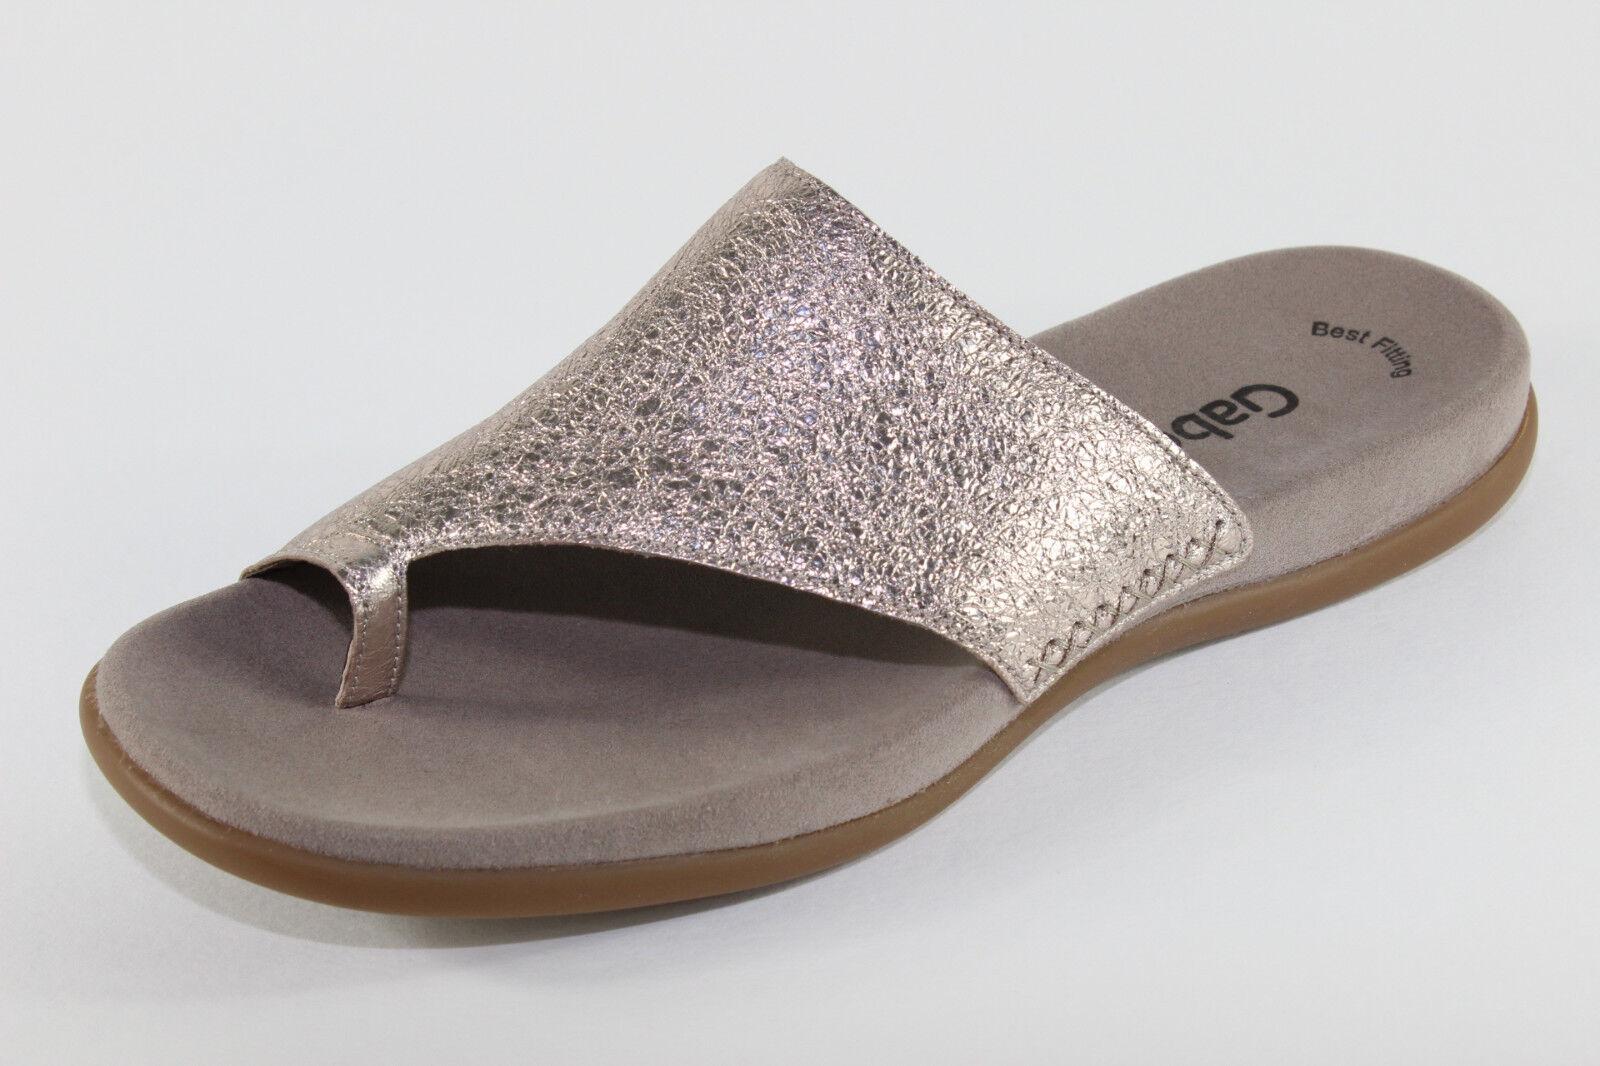 Gabor 83.700.62, Pantoletten im Design Crash Metal, Damenschuhe Übergröße